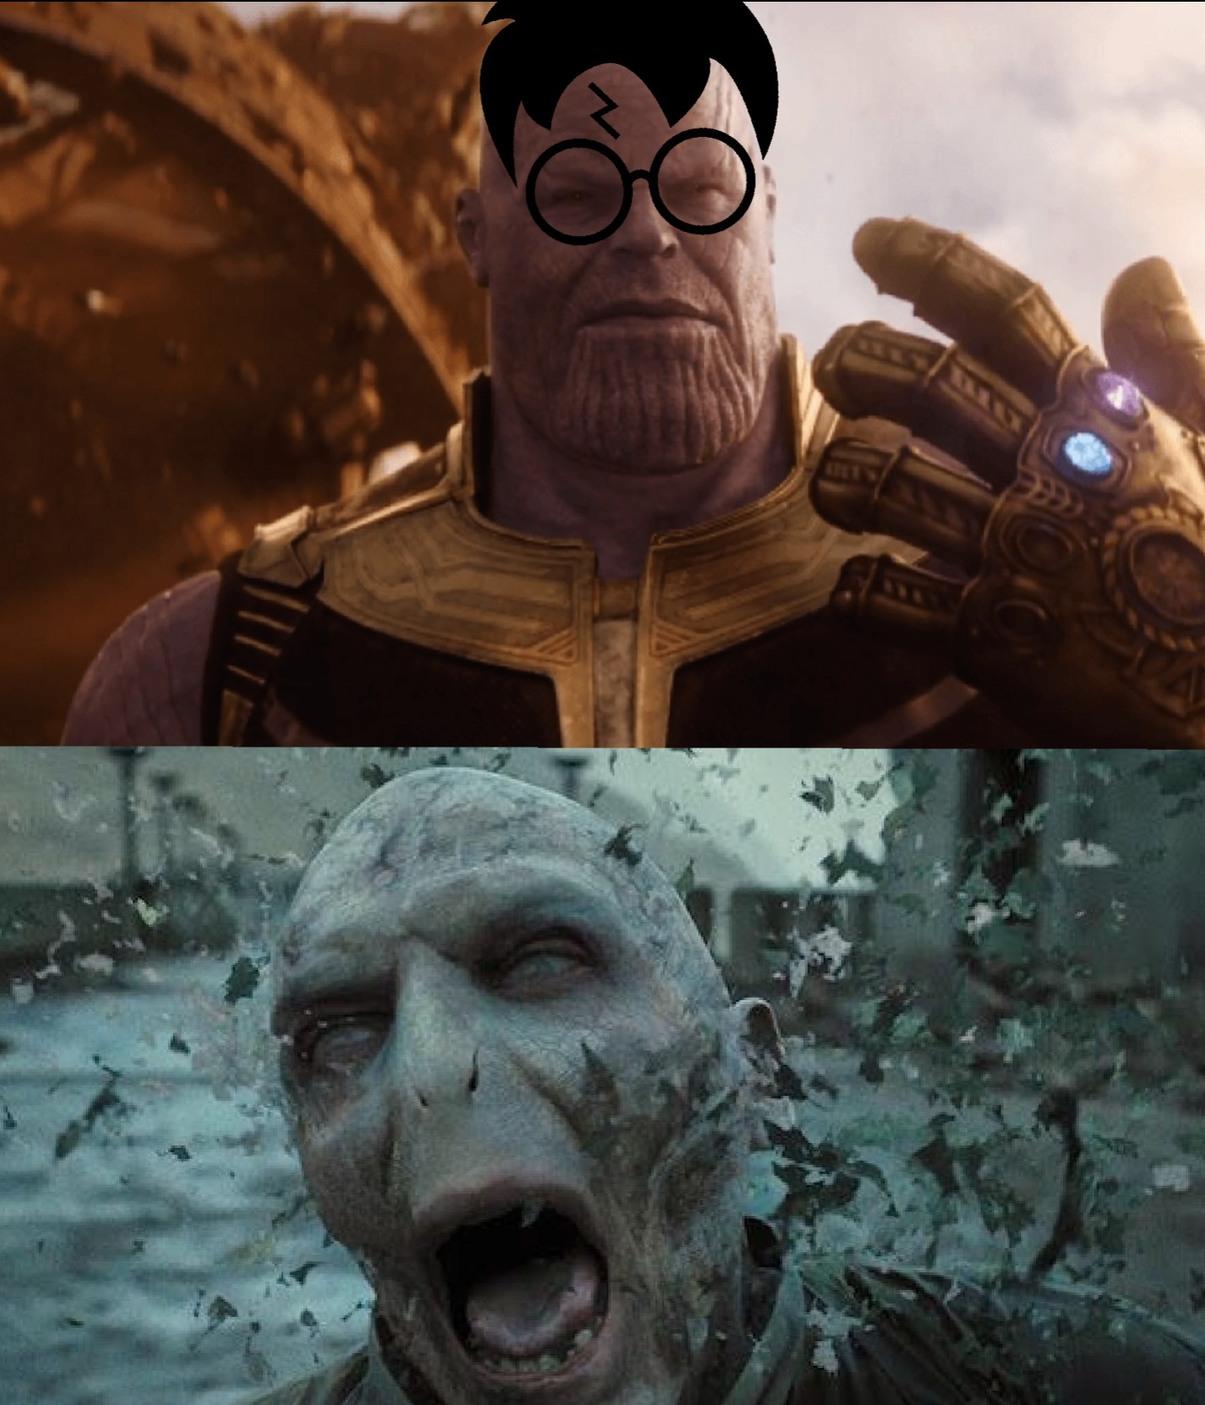 I don't feel so good - meme